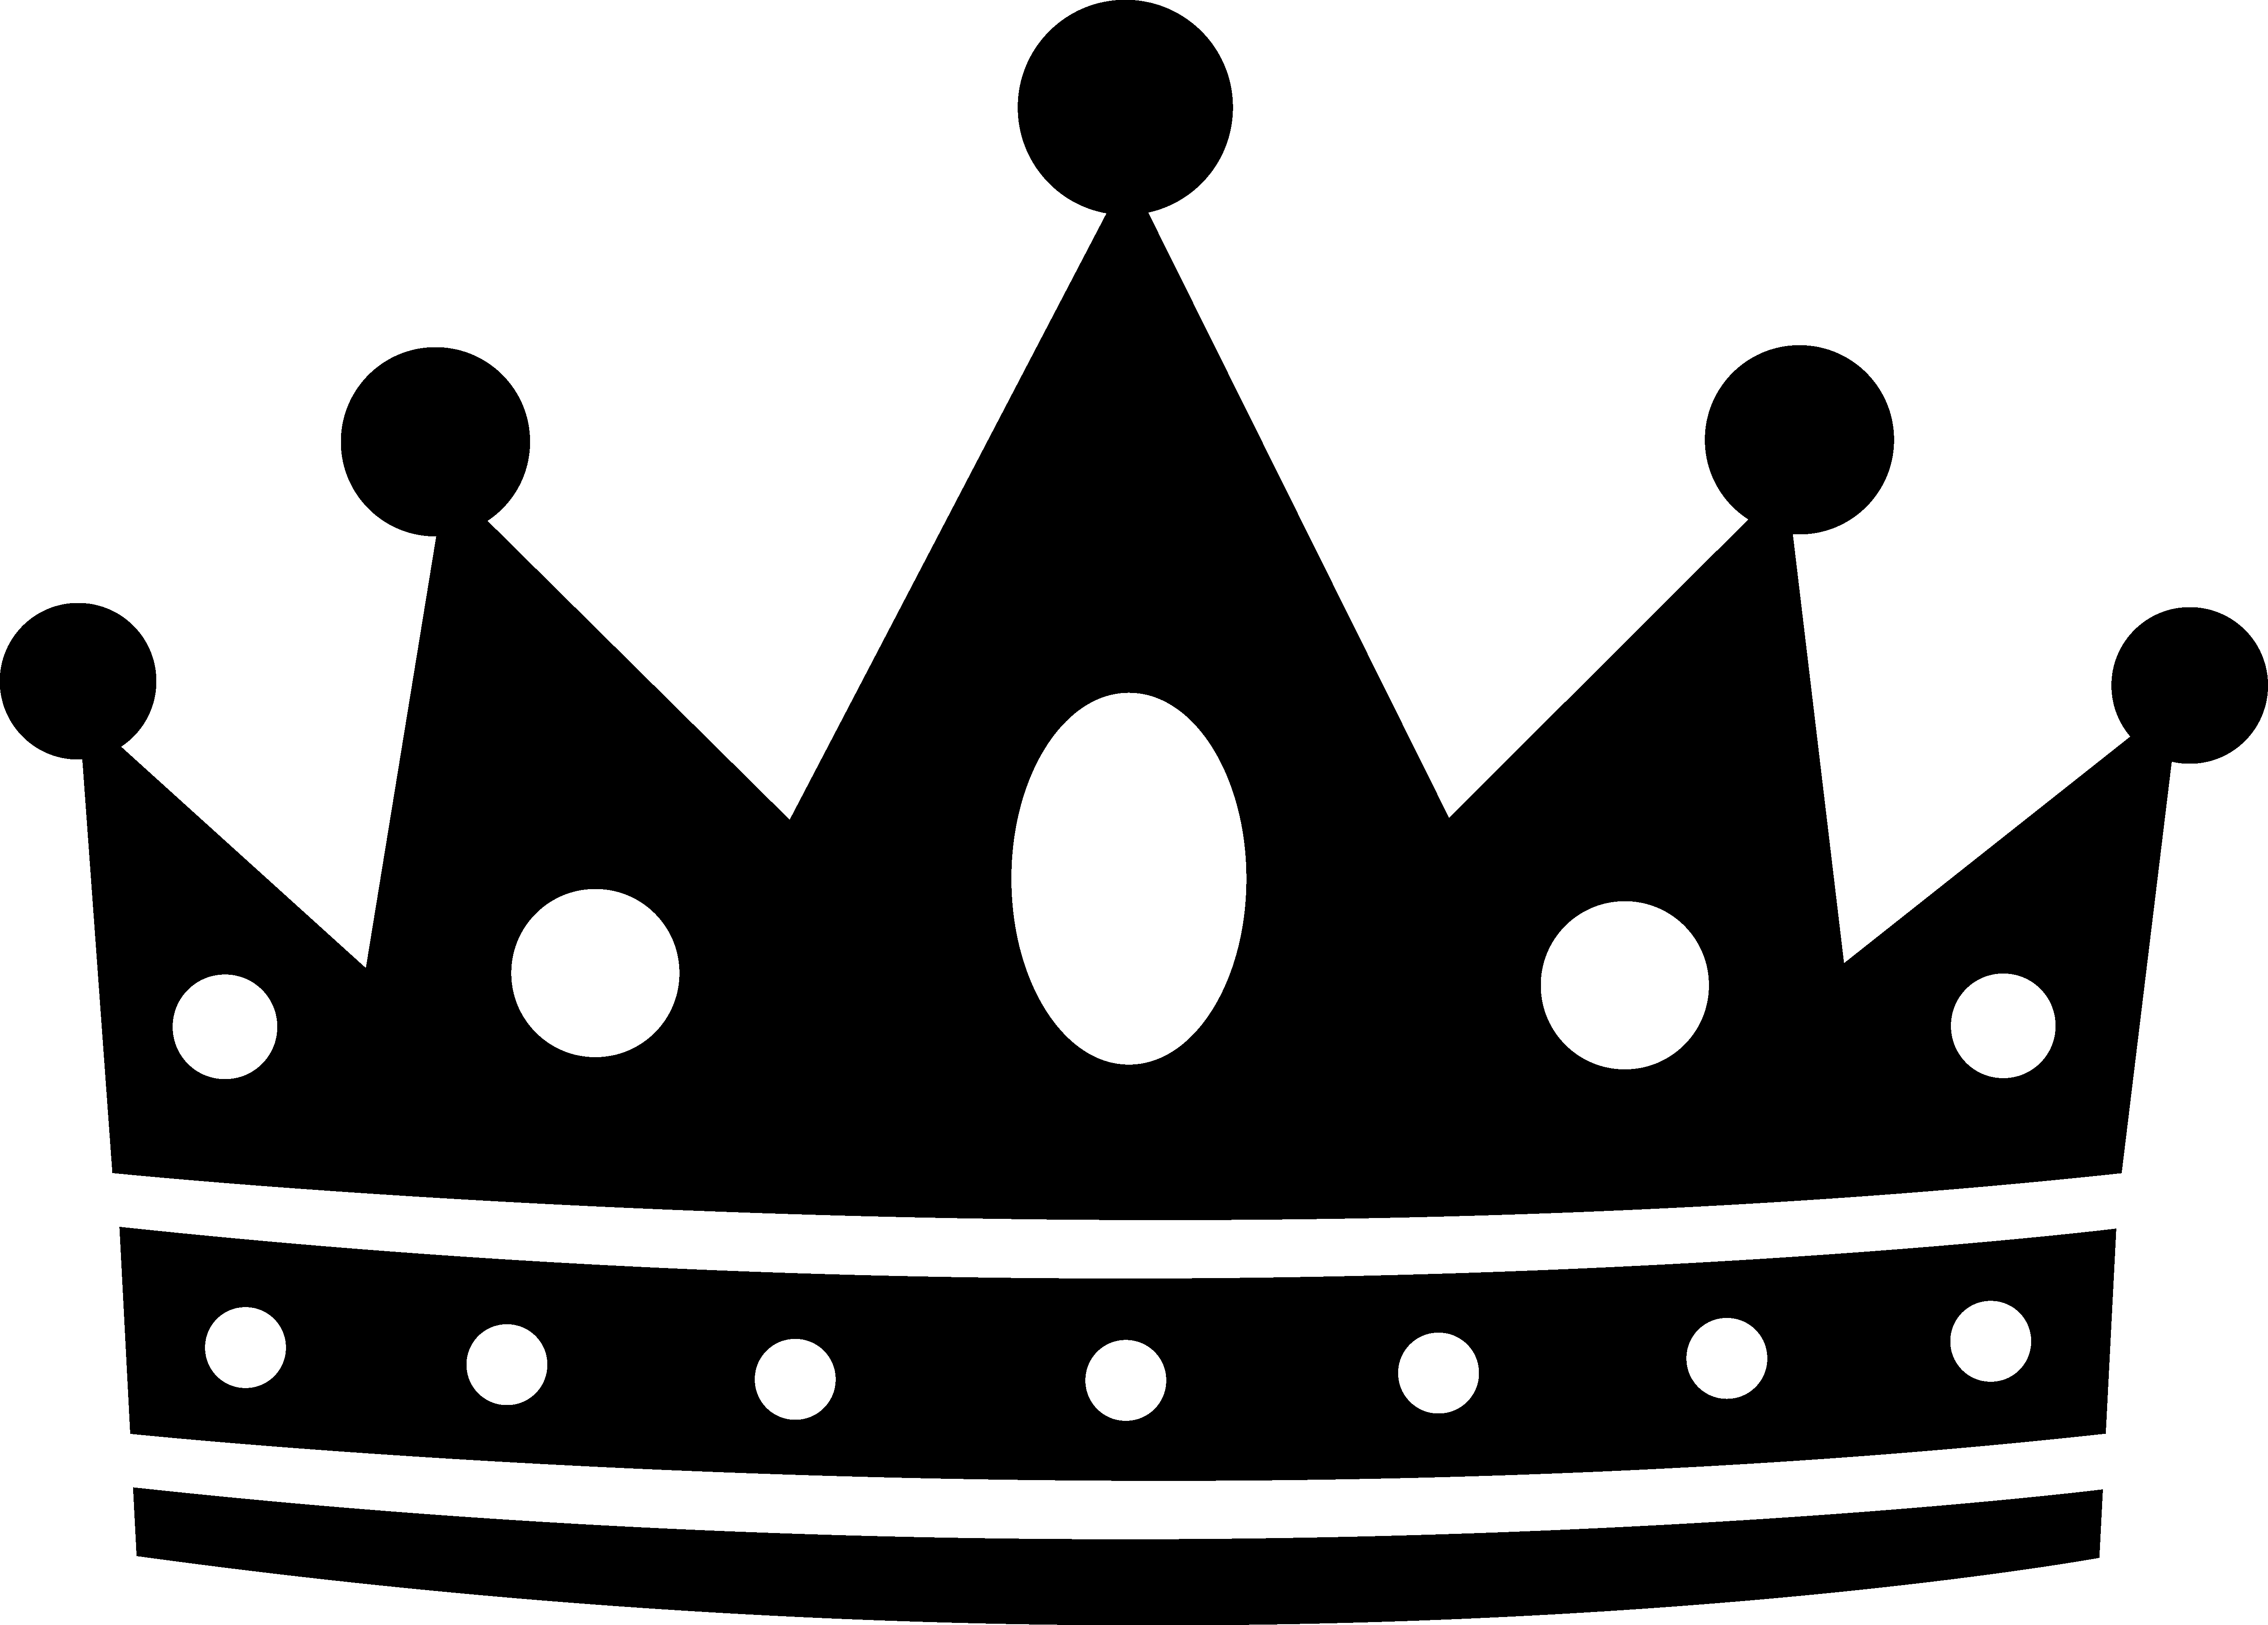 queen crowns vectors - photo #18